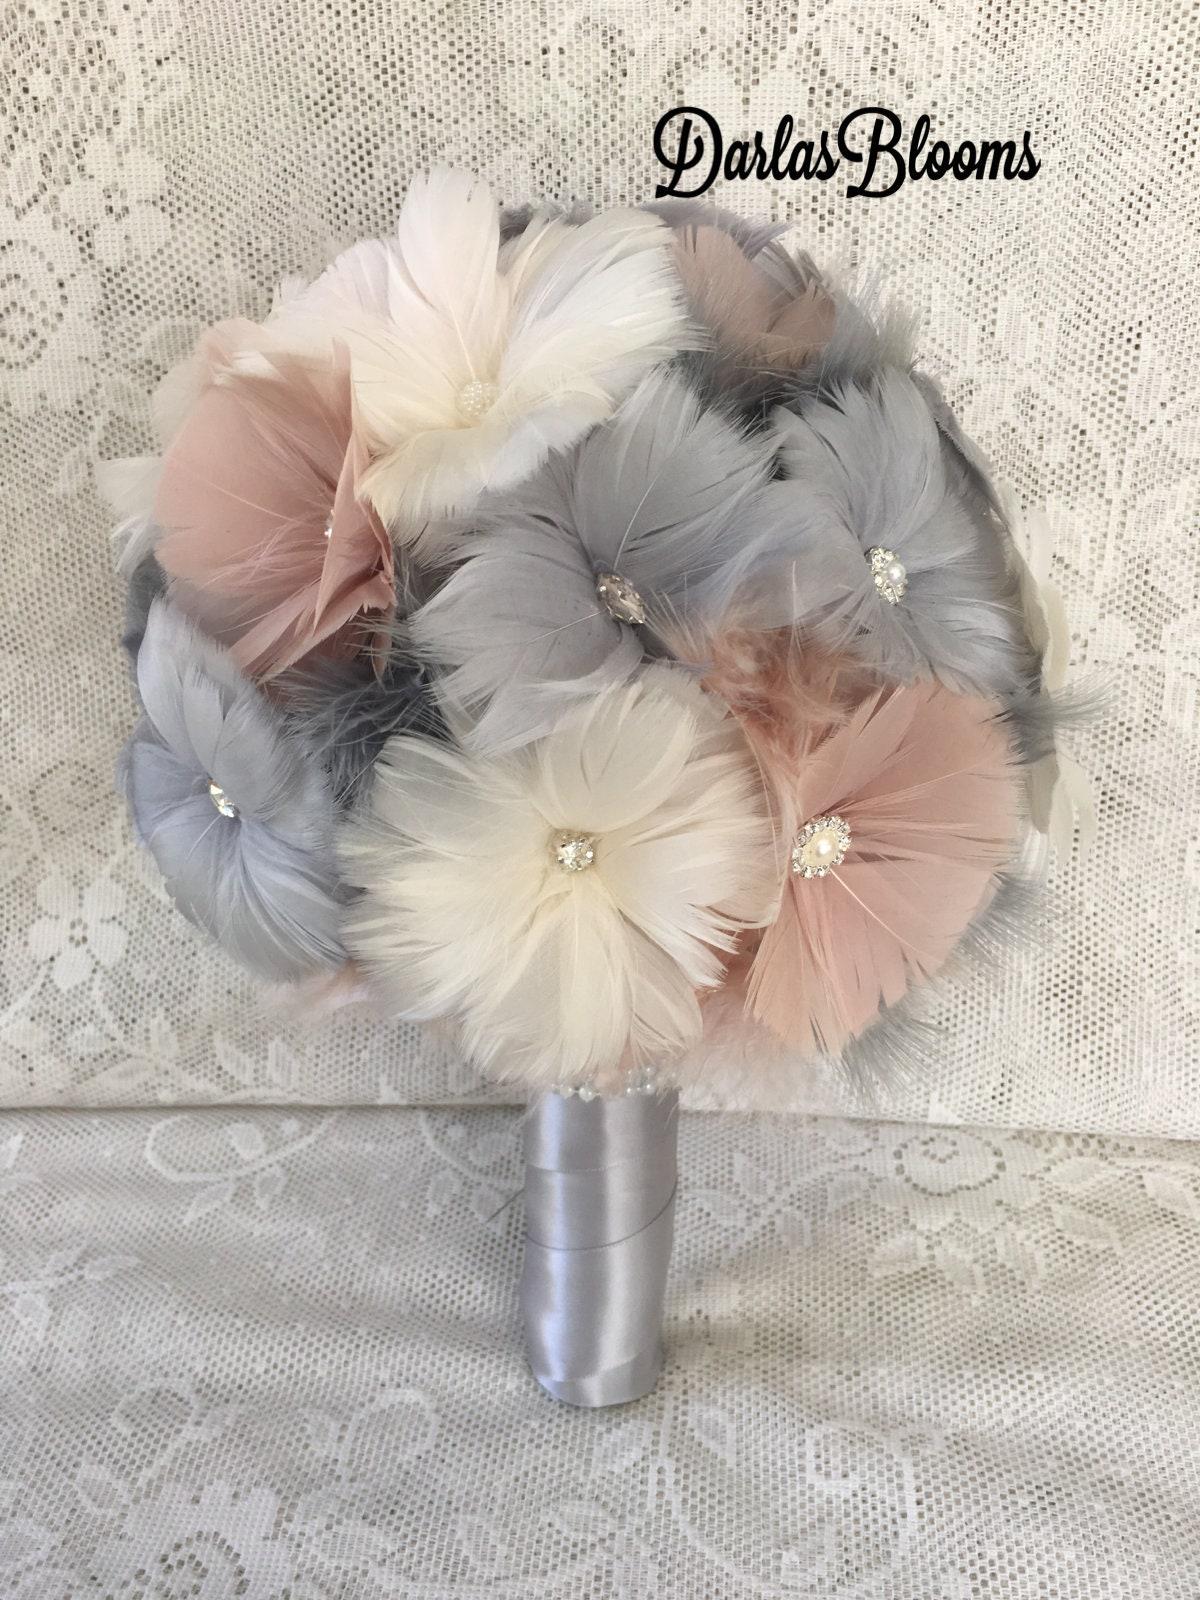 Handmade Bridal Flower Wedding Bouquet Crystal Bridesmaid Posy Yellow Grey #3